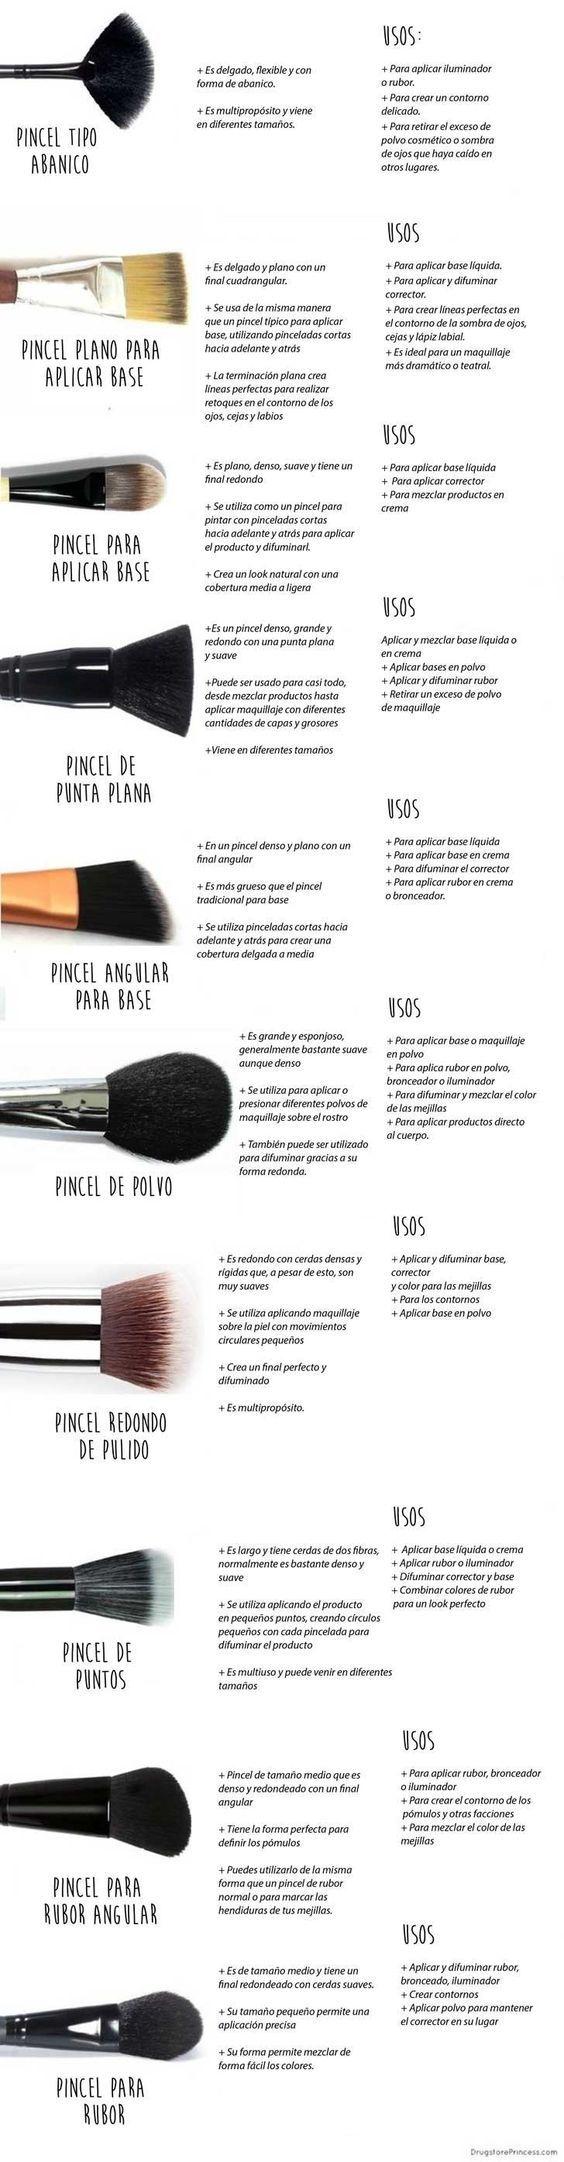 ... De Maquillaje en Pinterest | Pinceles De Maquillaje De Mac, Maquillaje